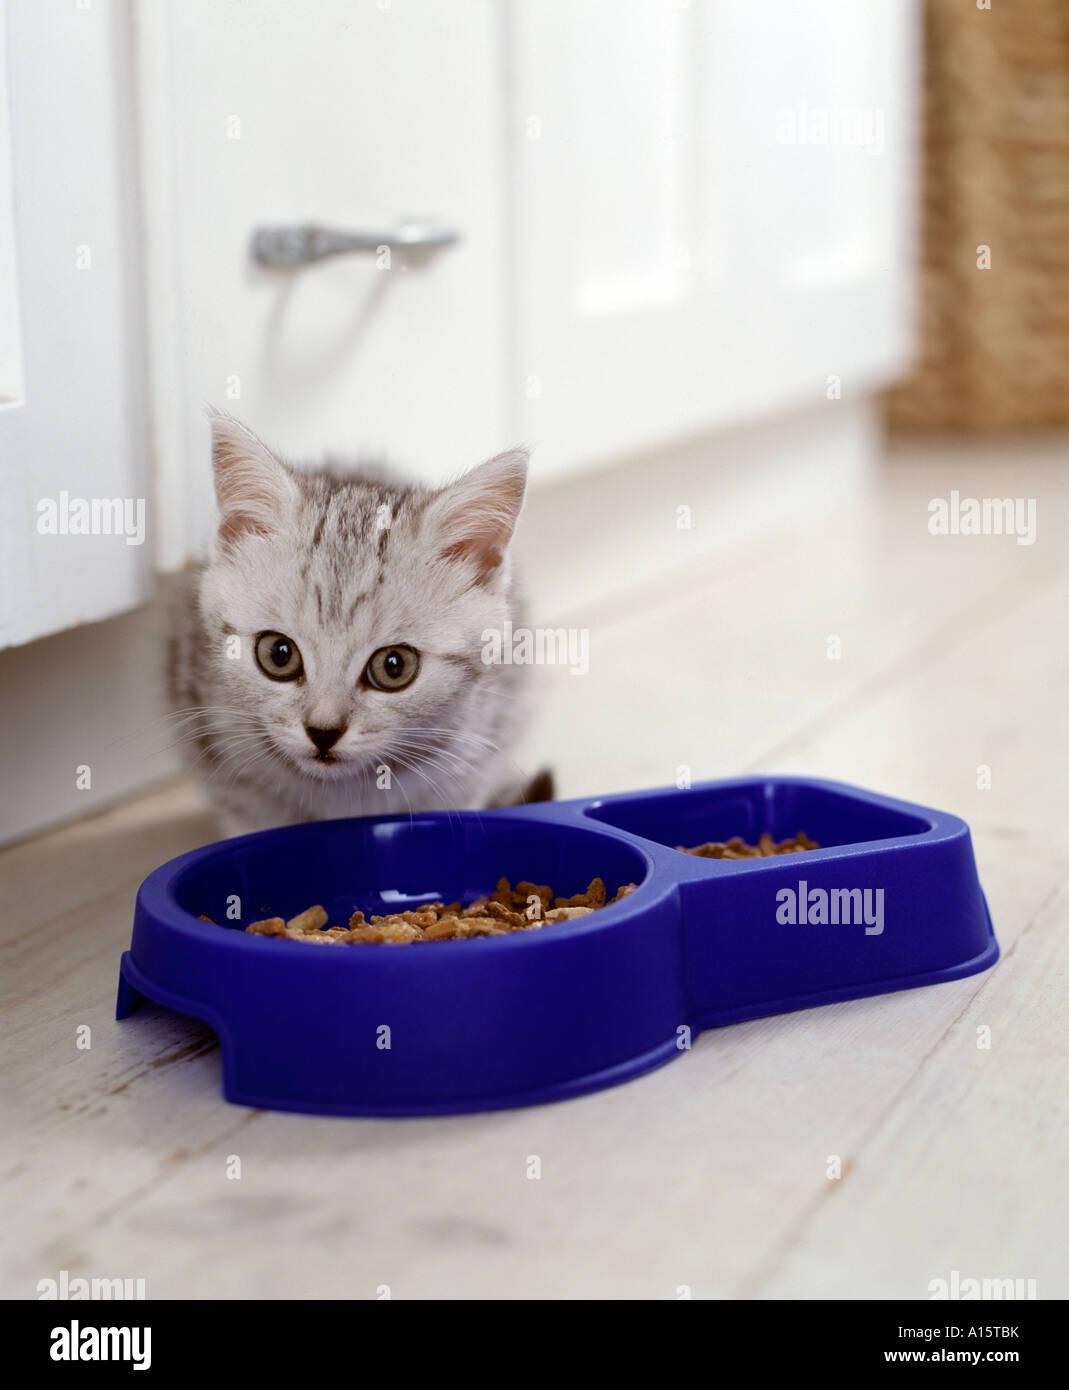 kitten eating - Stock Image